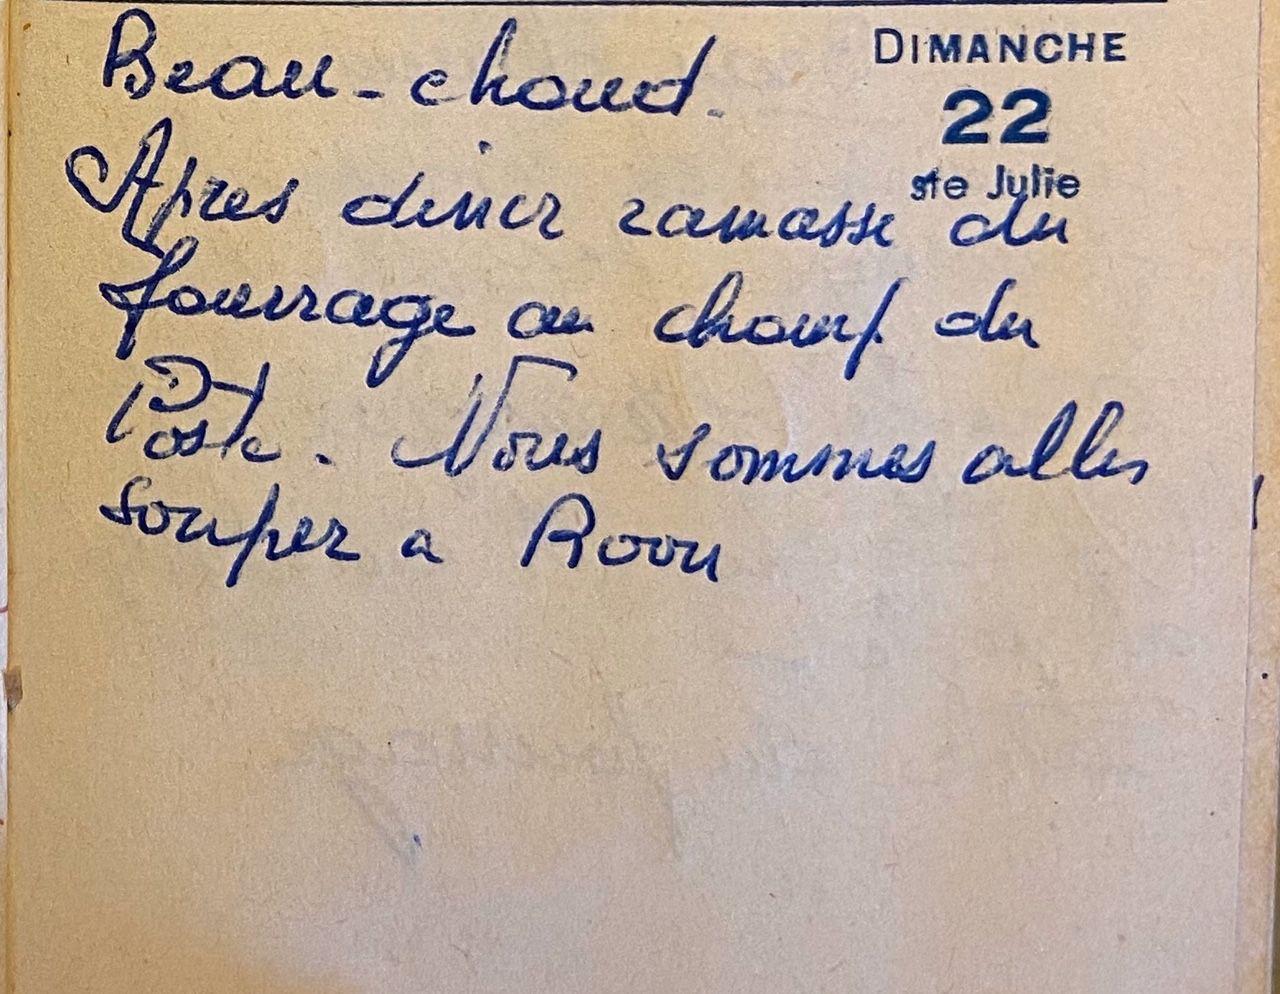 Dimanche 22 mai 1960 - le fourrage du champ du poste